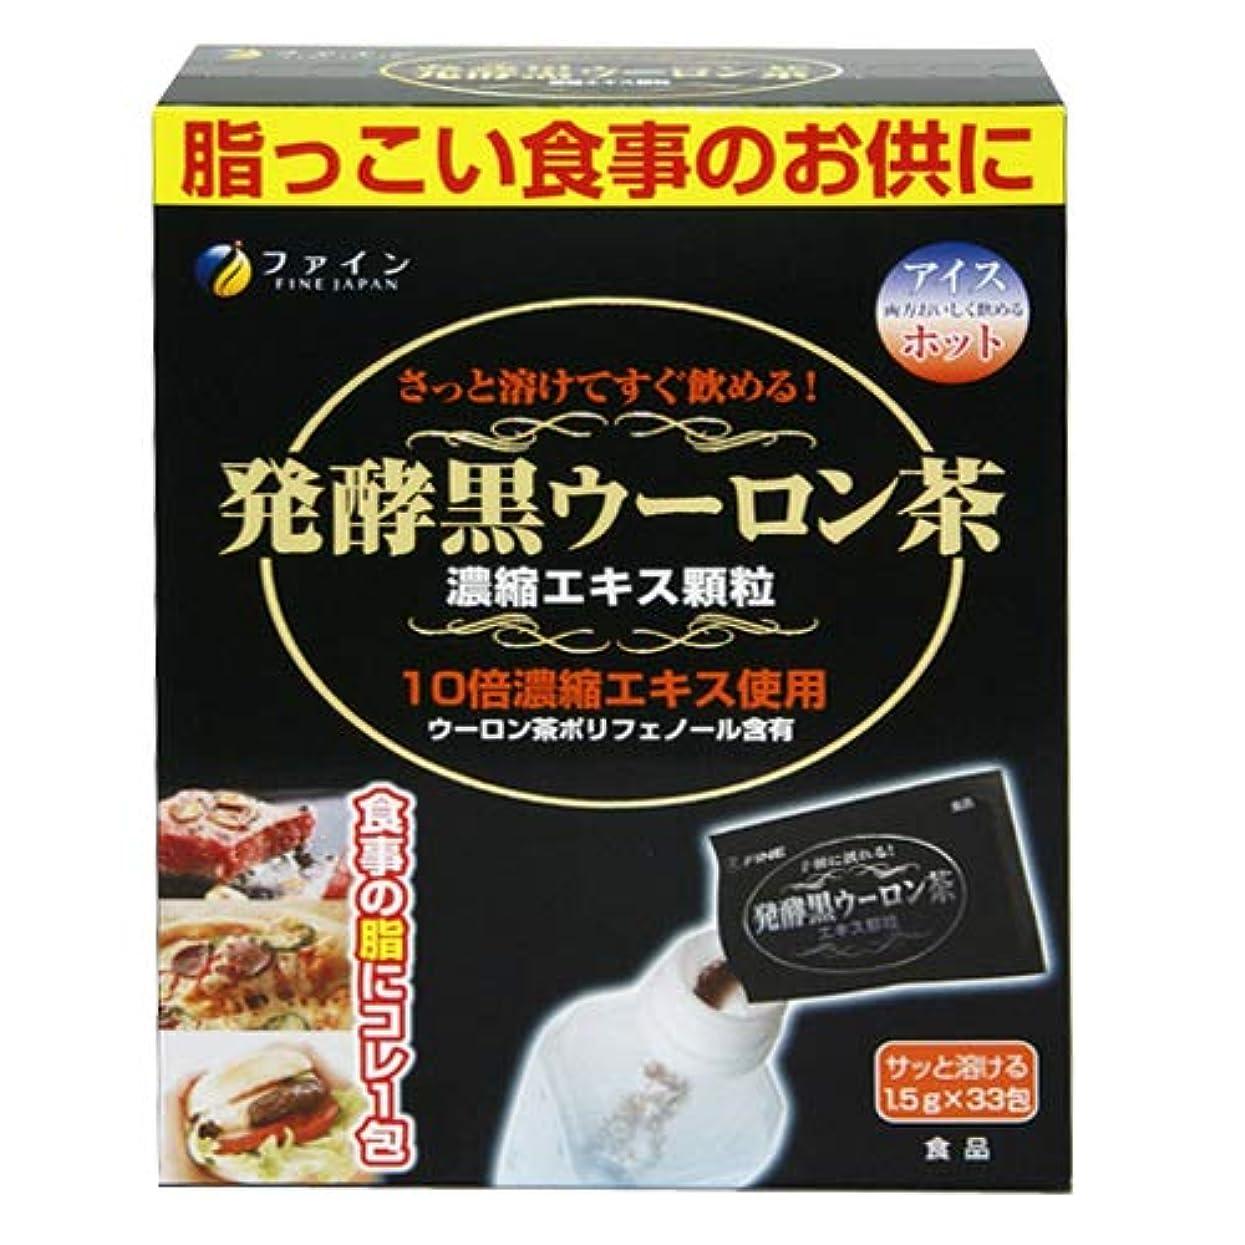 しょっぱいバス振幅発酵黒ウーロン茶 濃縮エキス顆粒 【30箱組】